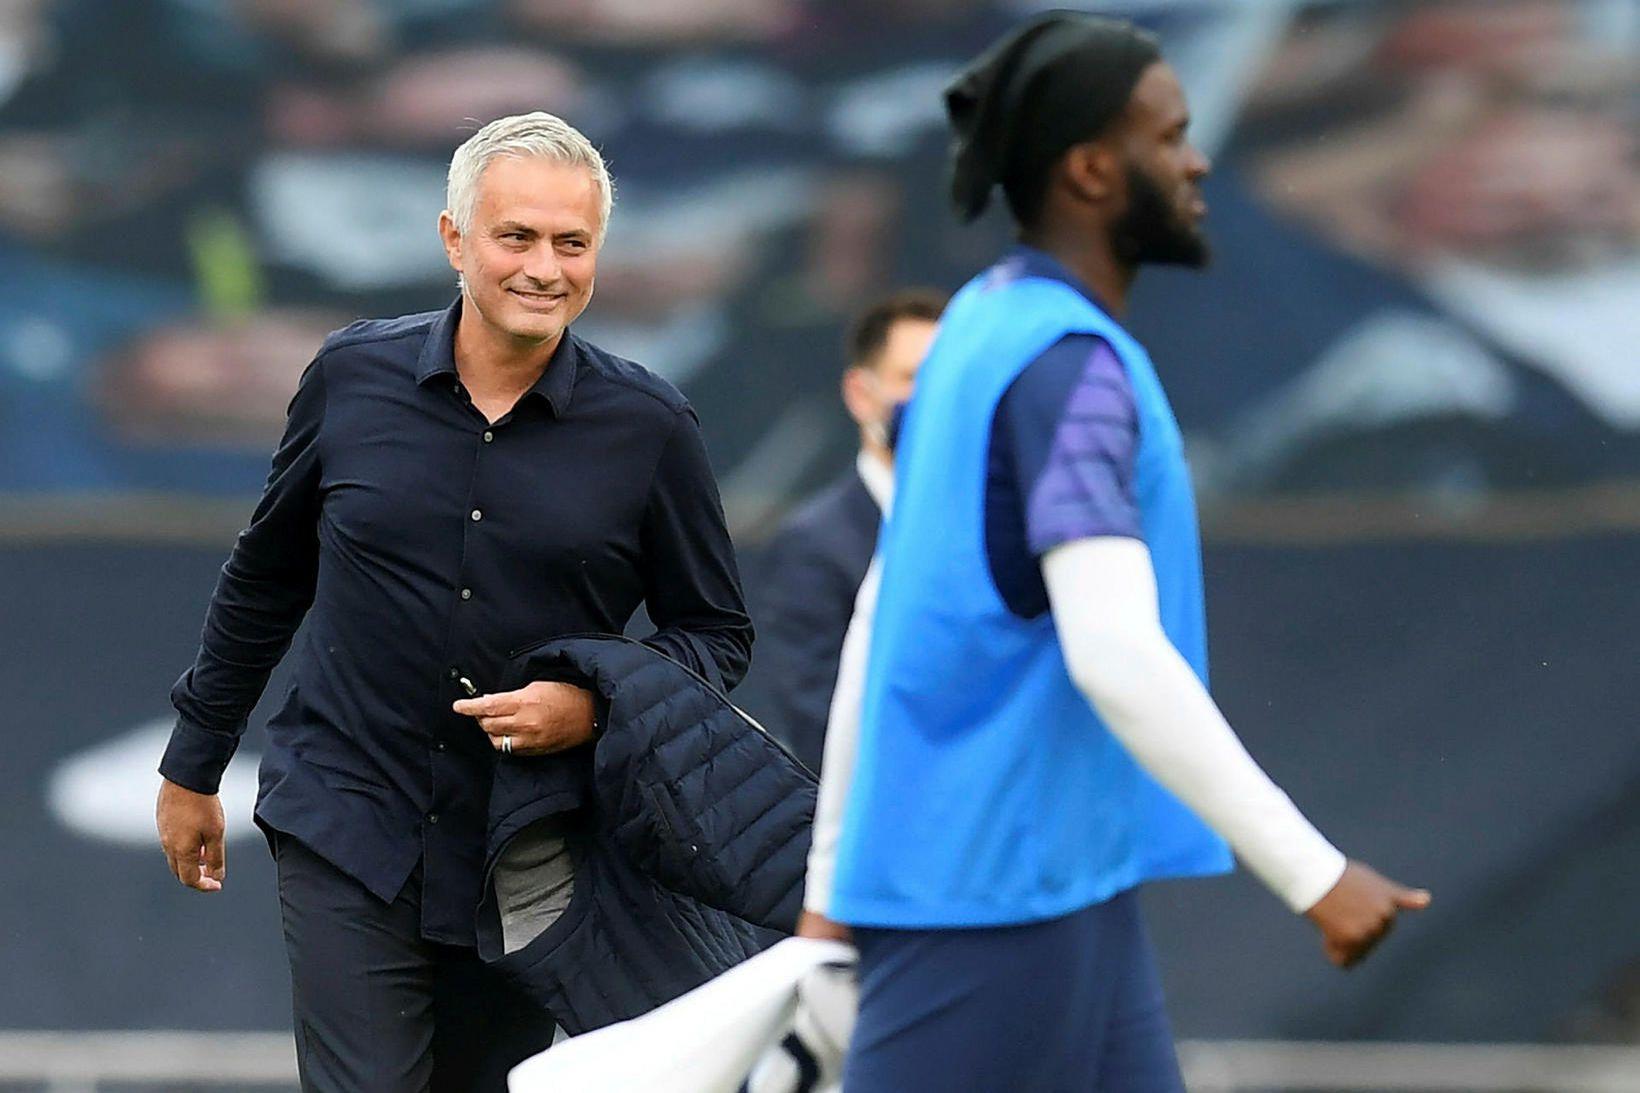 José Mourinho er ekkert sérstaklega spenntur fyrir Evrópudeildinni.